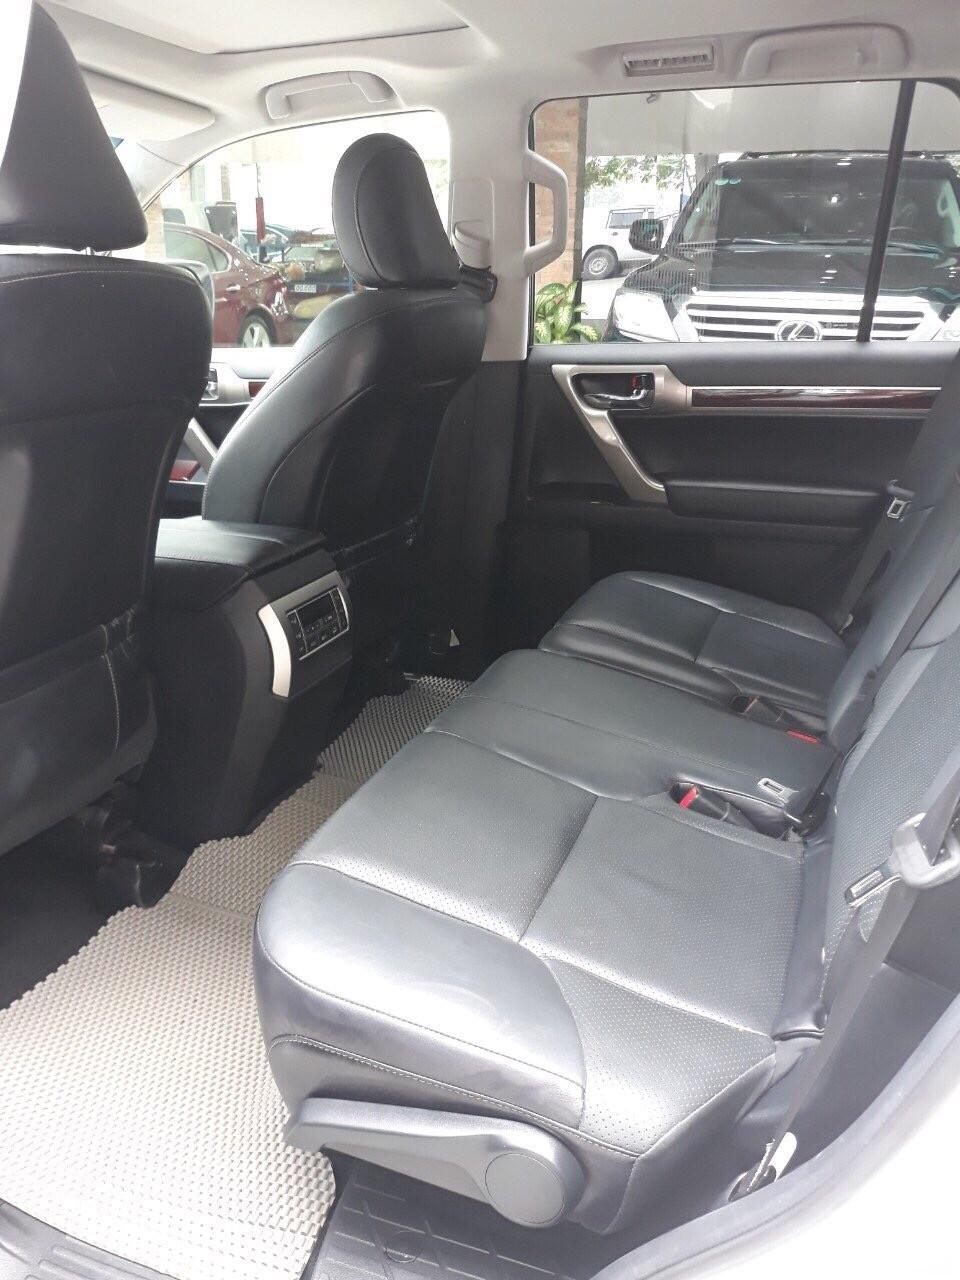 Bán xe Lexus GX 460 đời 2016 màu trắng